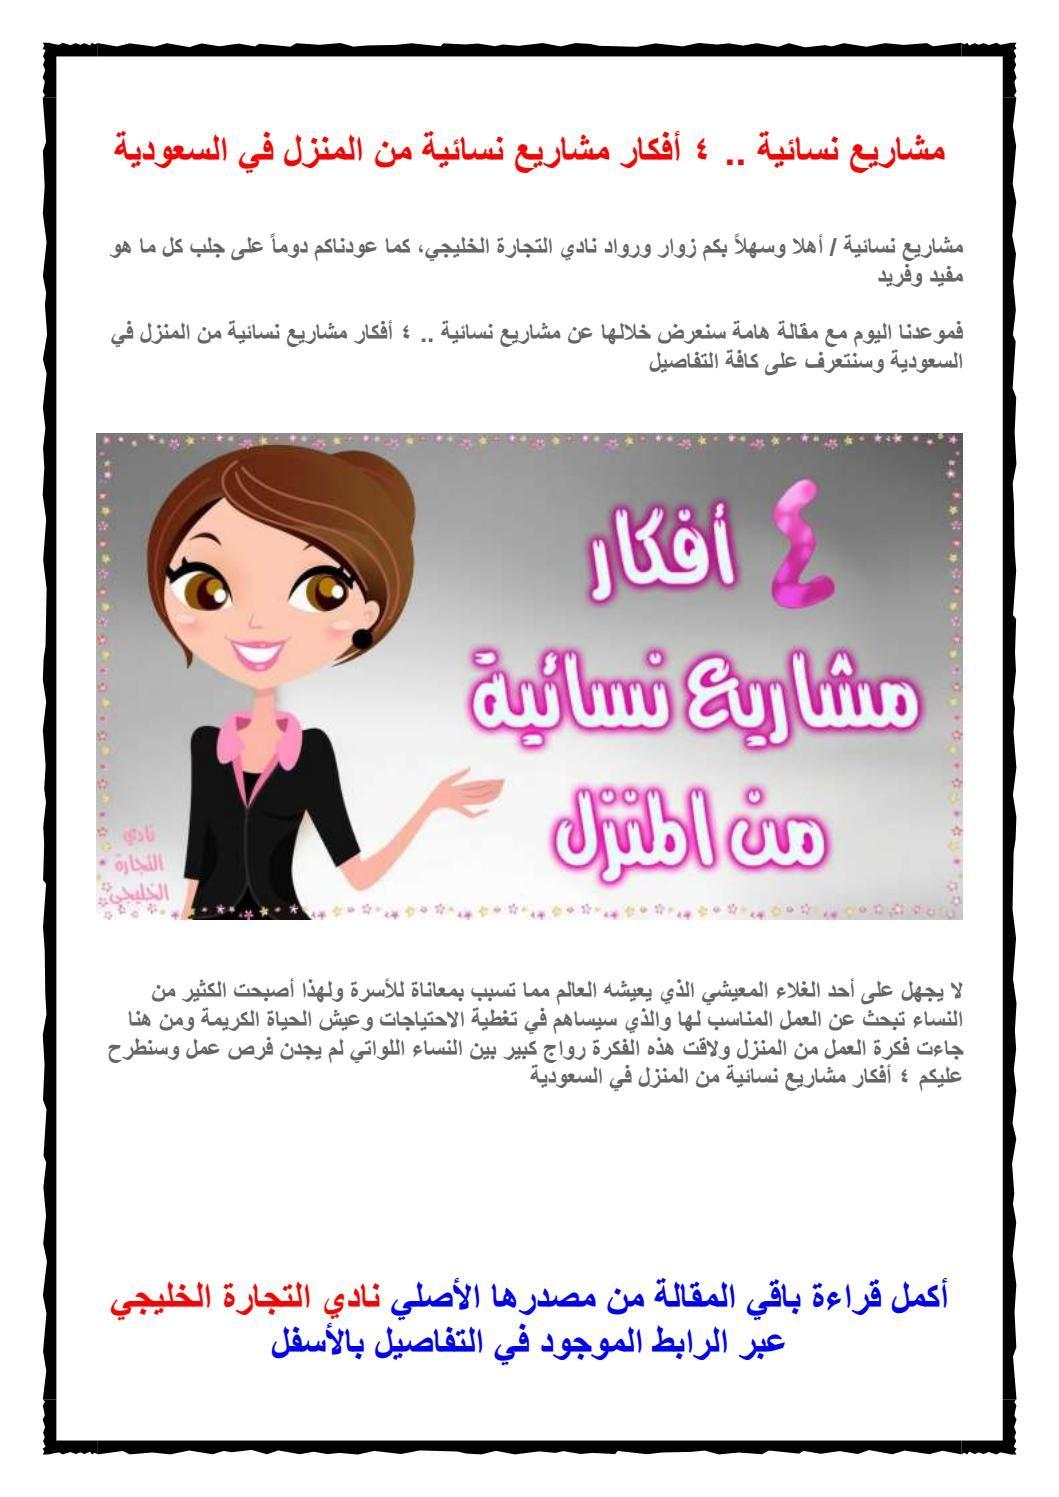 مشاريع نسائية 4 أفكار مشاريع نسائية من المنزل في السعودية Microsoft Word Document Application Android Microsoft Word